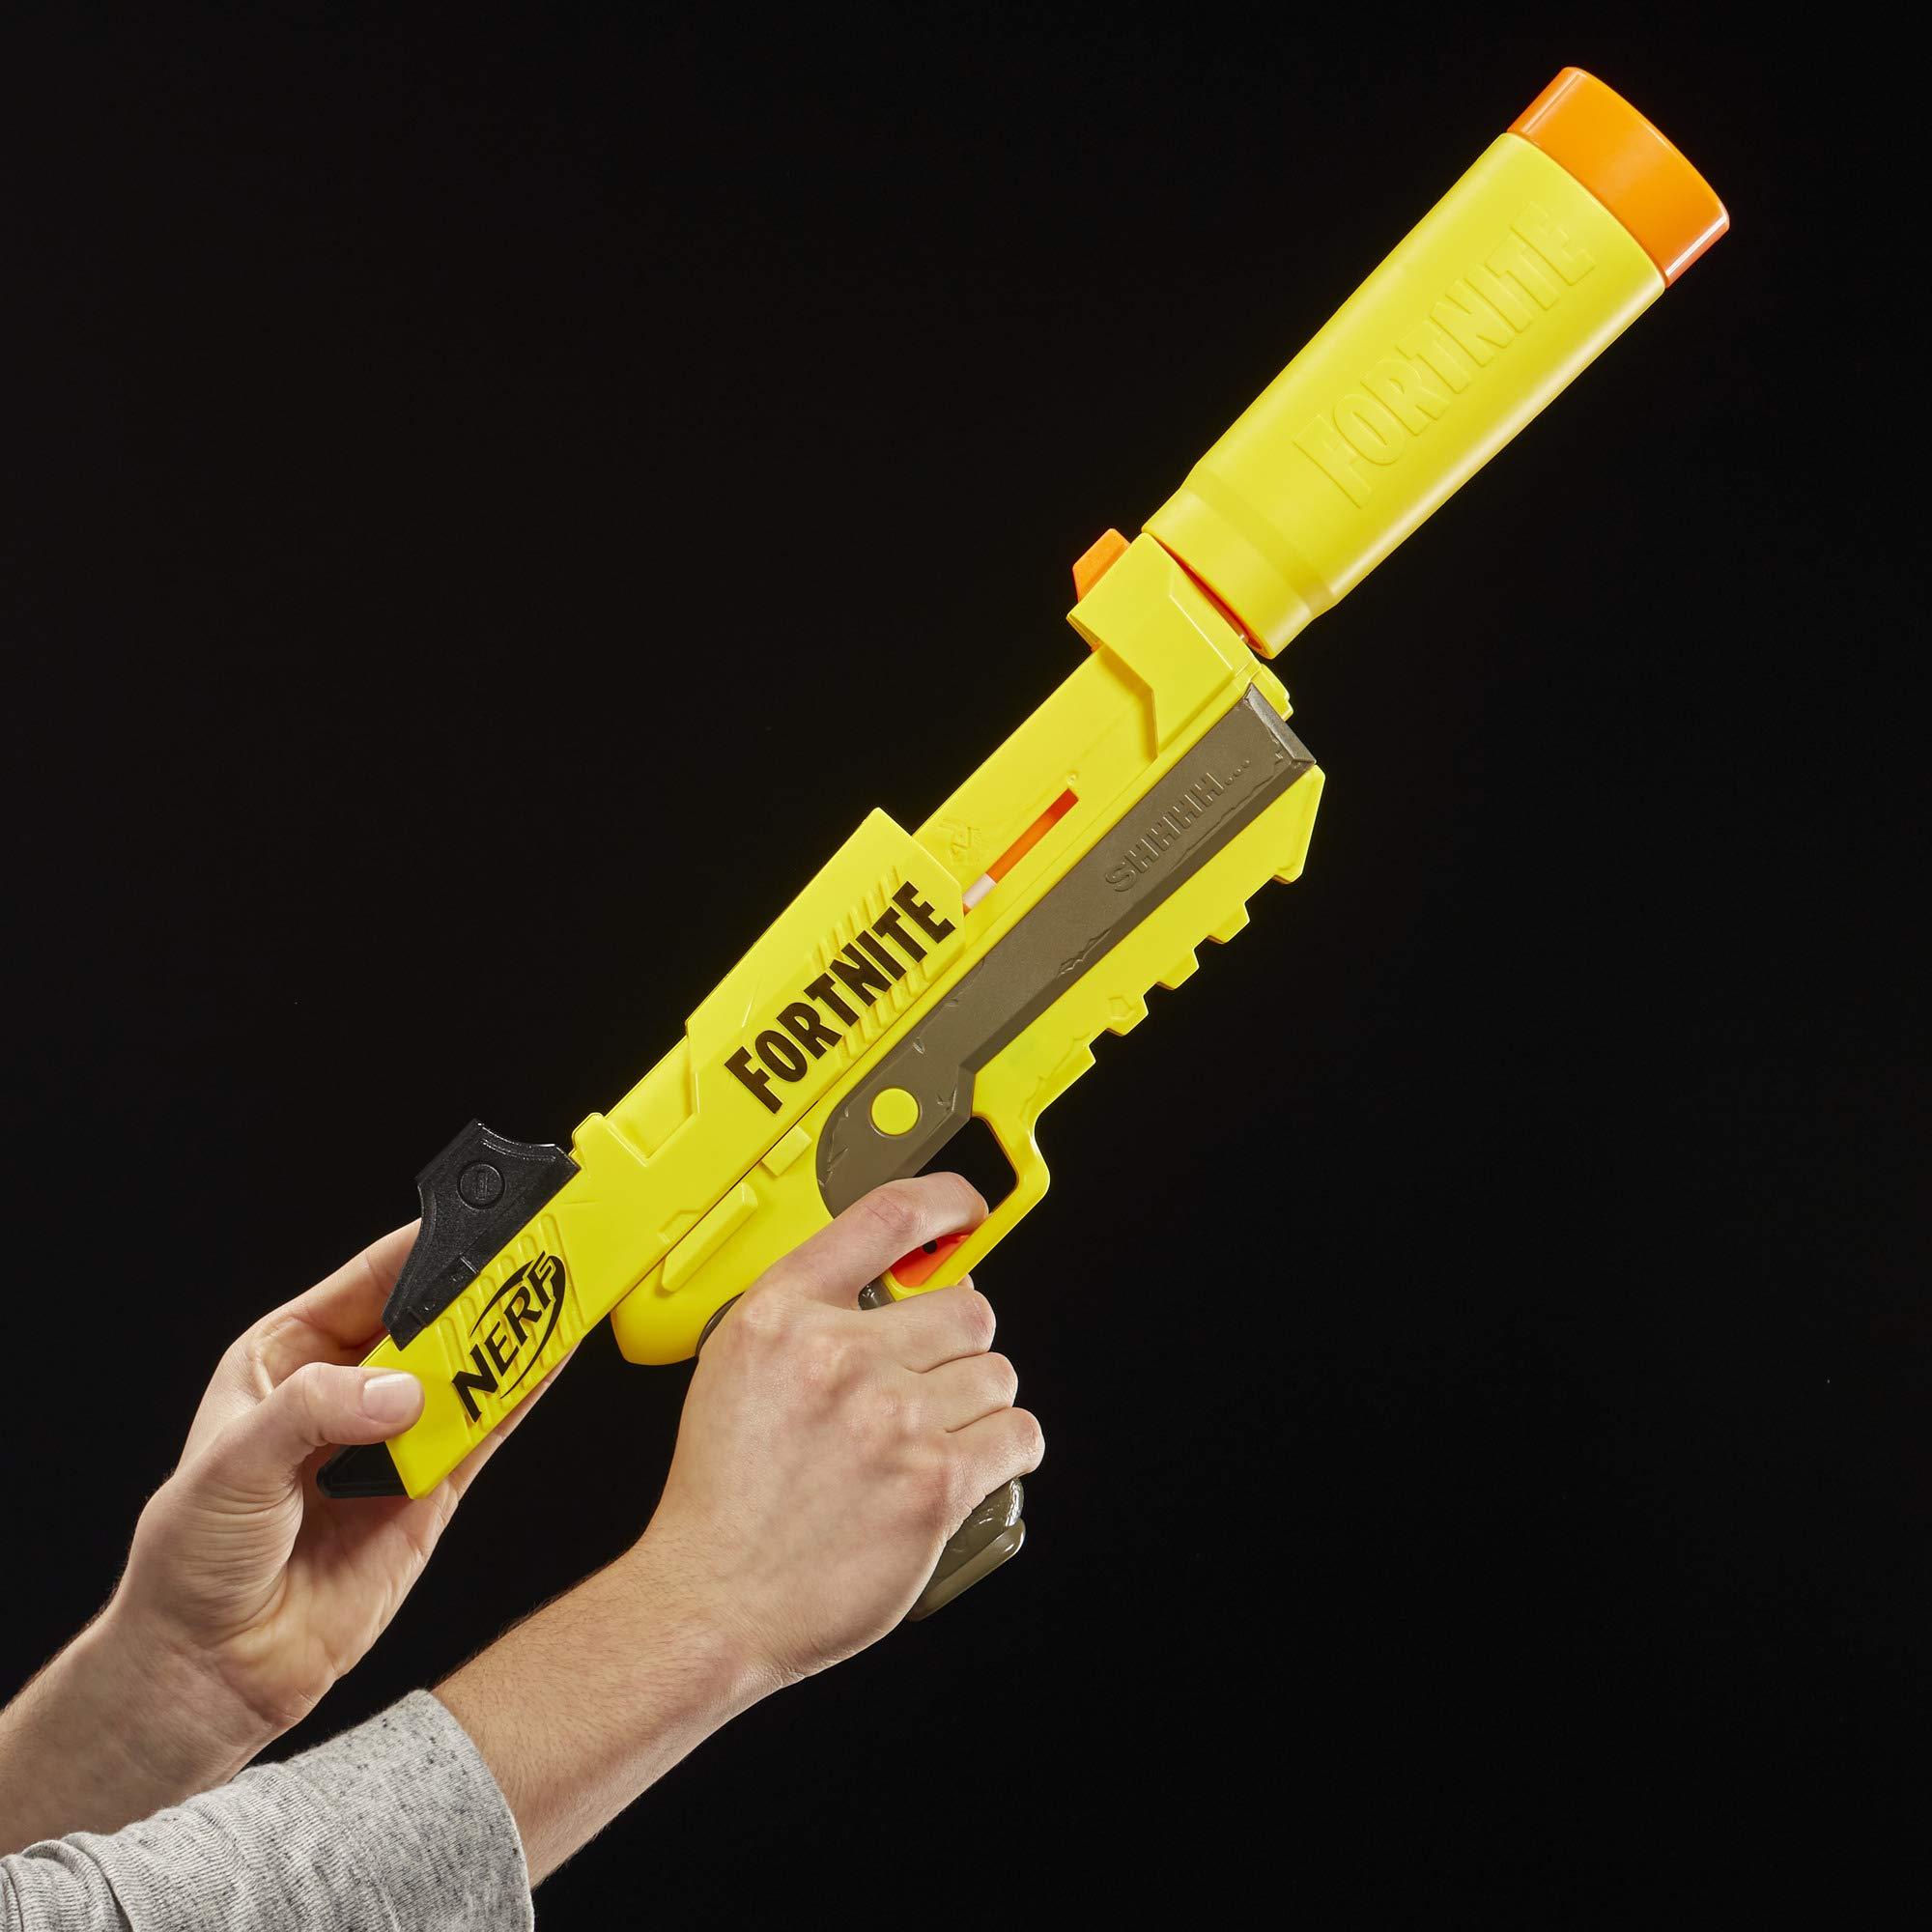 NERF Fortnite Sp-L Elite Dart Blaster - ToyMamaShop